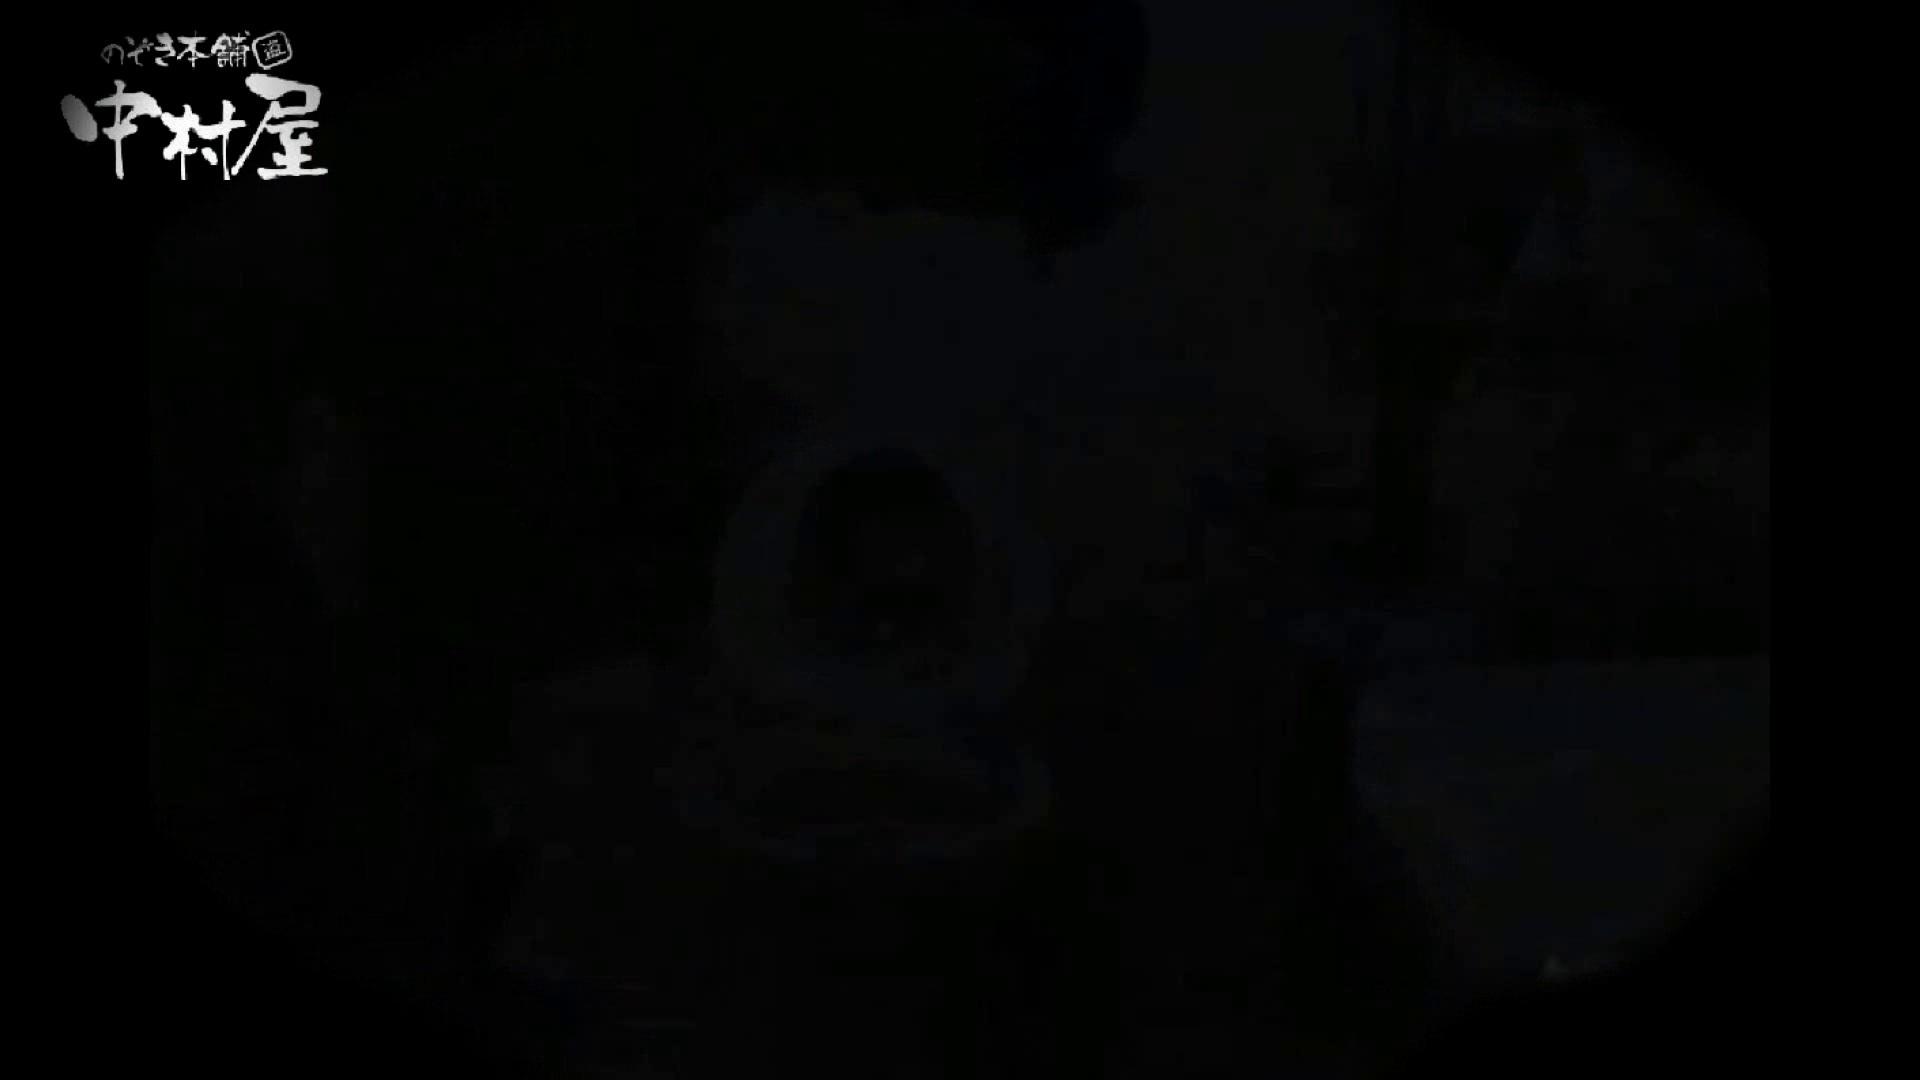 teen galトイレ覗き紙がナイ編‼vol.11 リアルトイレ  84Pix 5